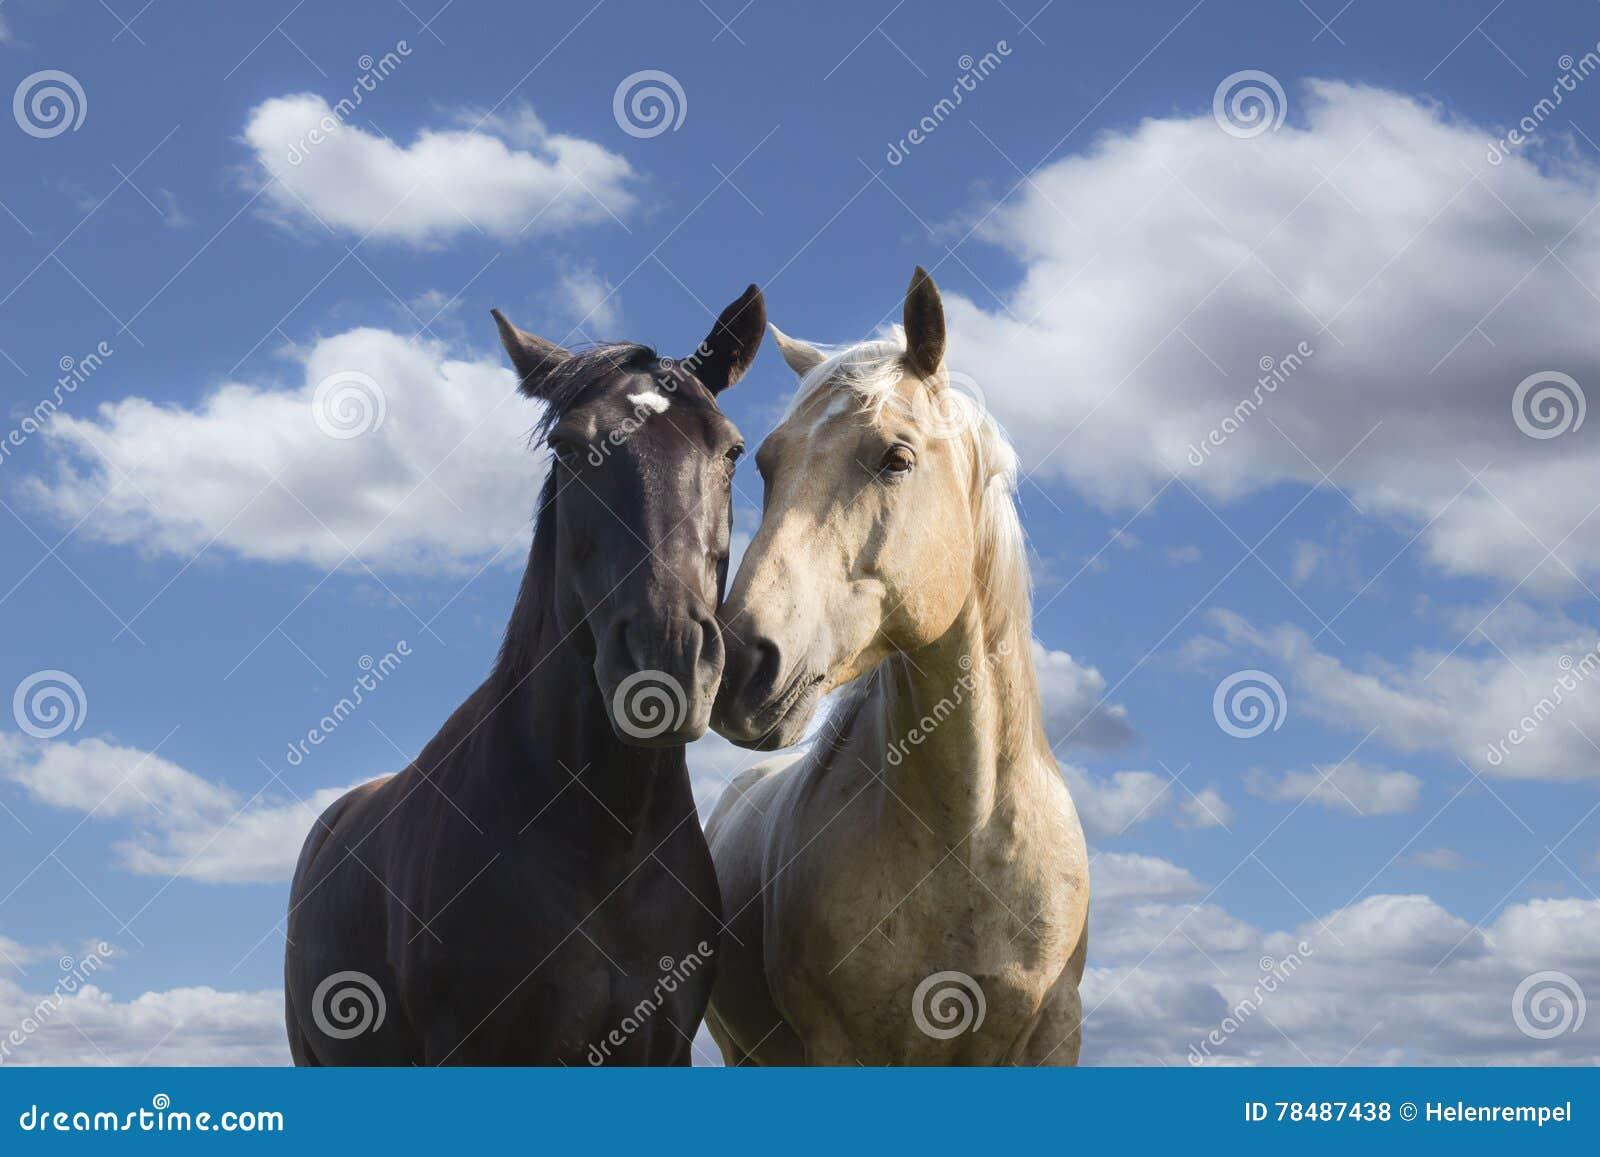 Zwei Pferde, die gegen einen blauen Himmel mit weißen Wolken nuzzling sind